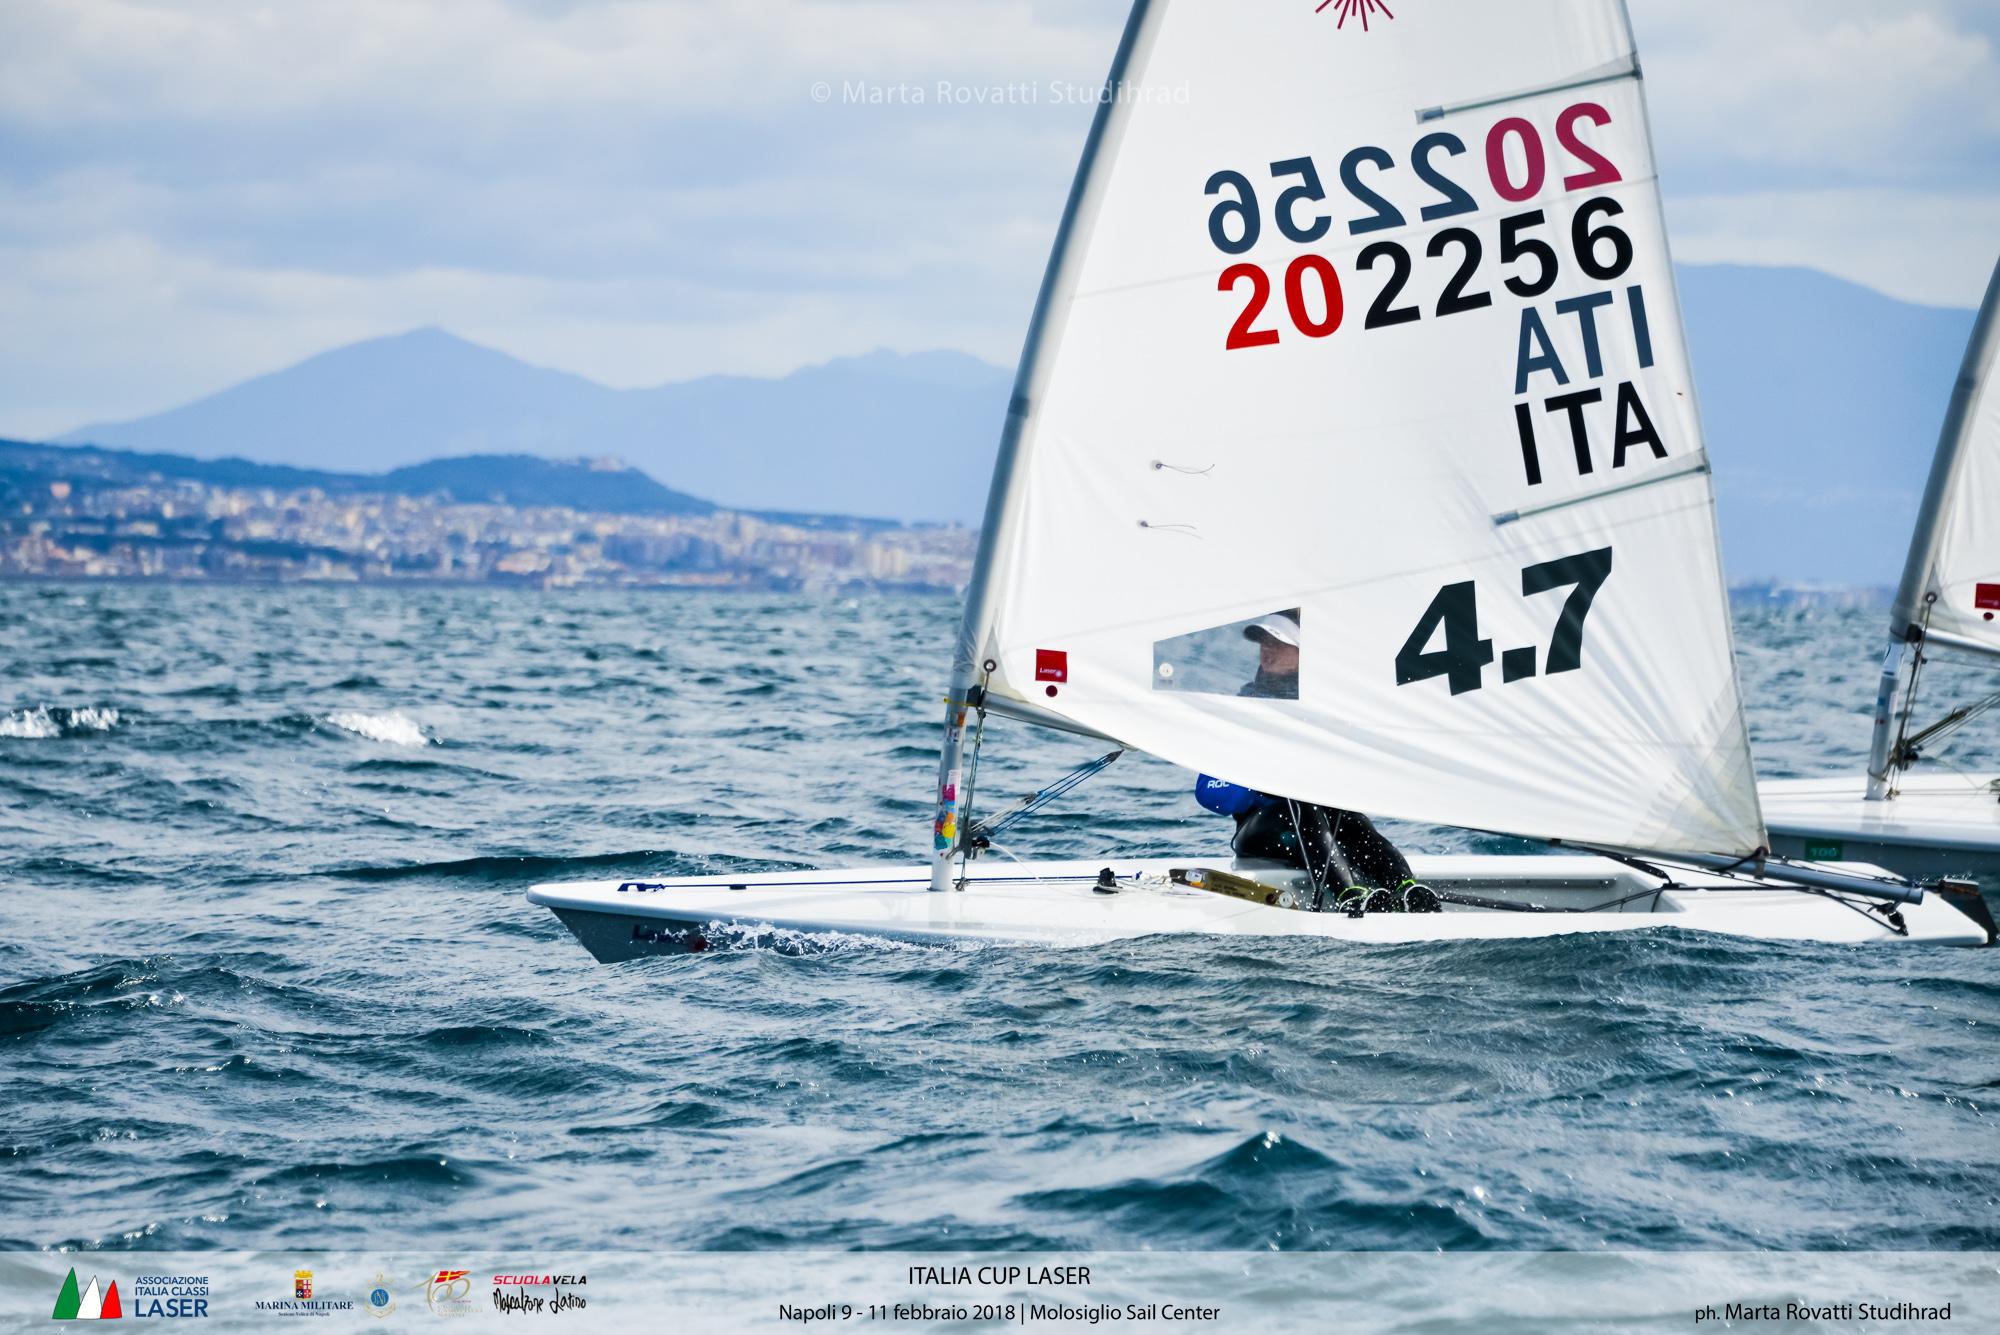 Associazione-Italia-Classi-Laser-2018-NapoliMGR_1053